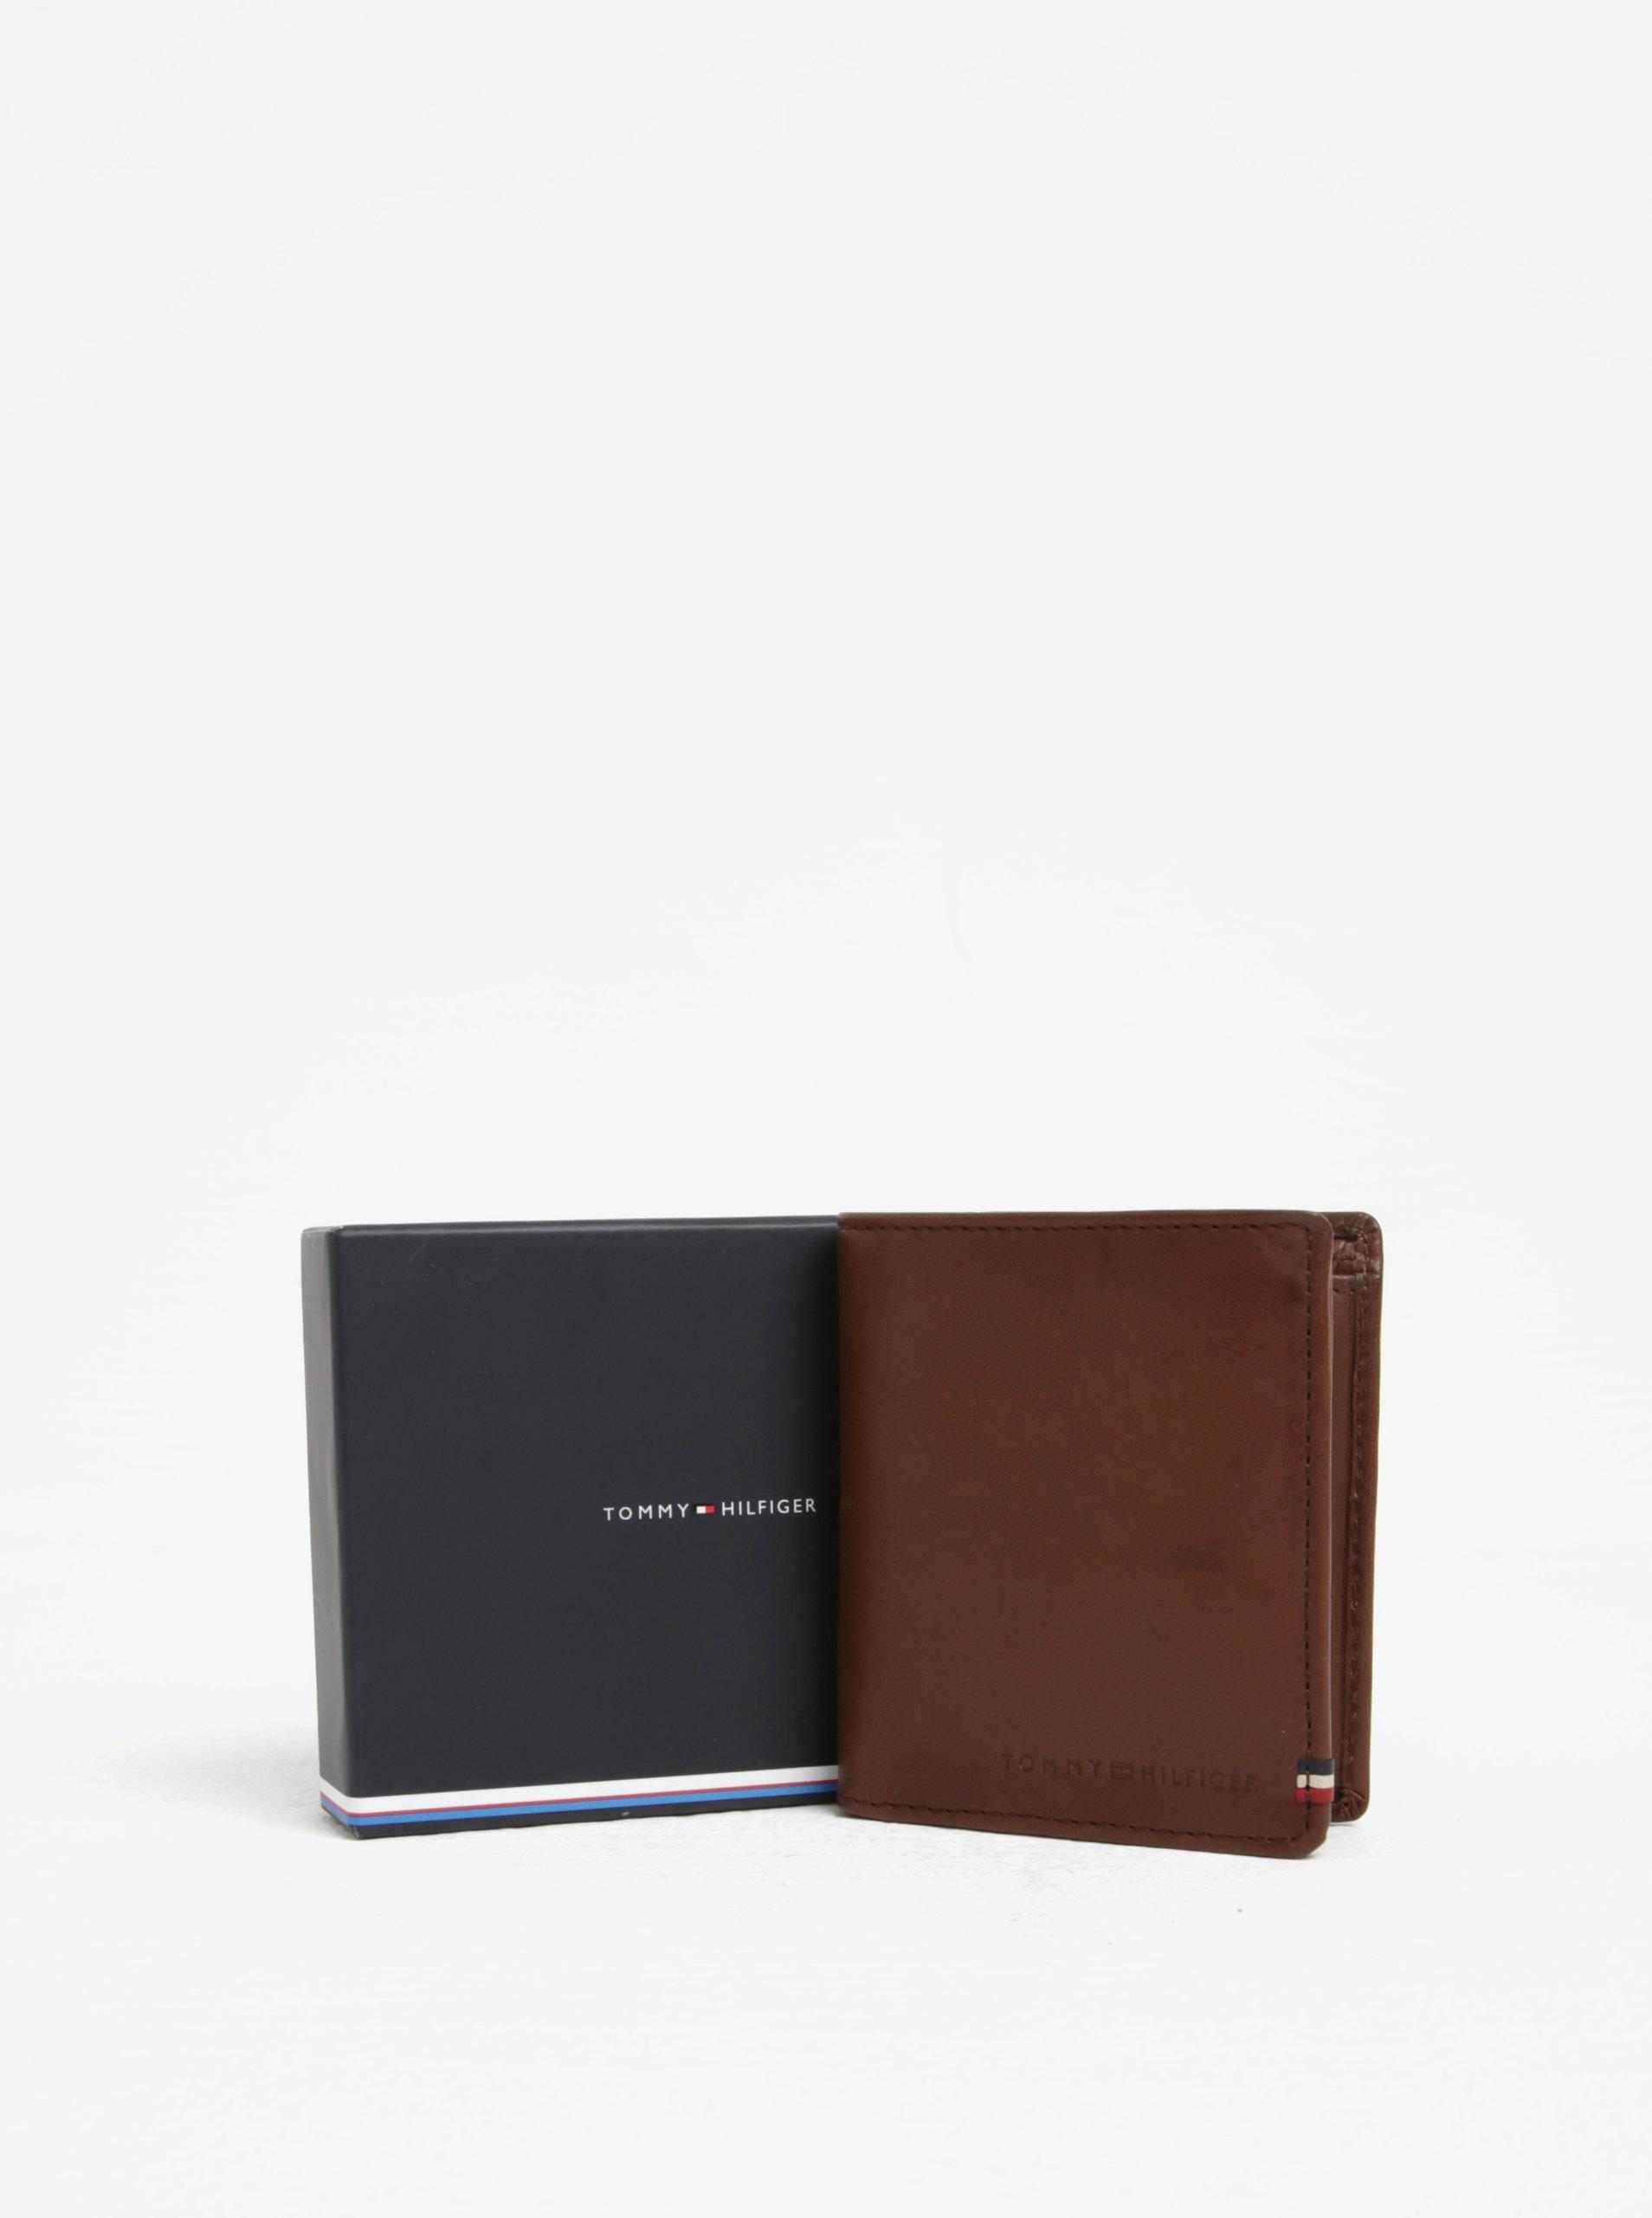 Hnedá pánska kožená peňaženka Tommy Hilfiger II.  59ce206ea90